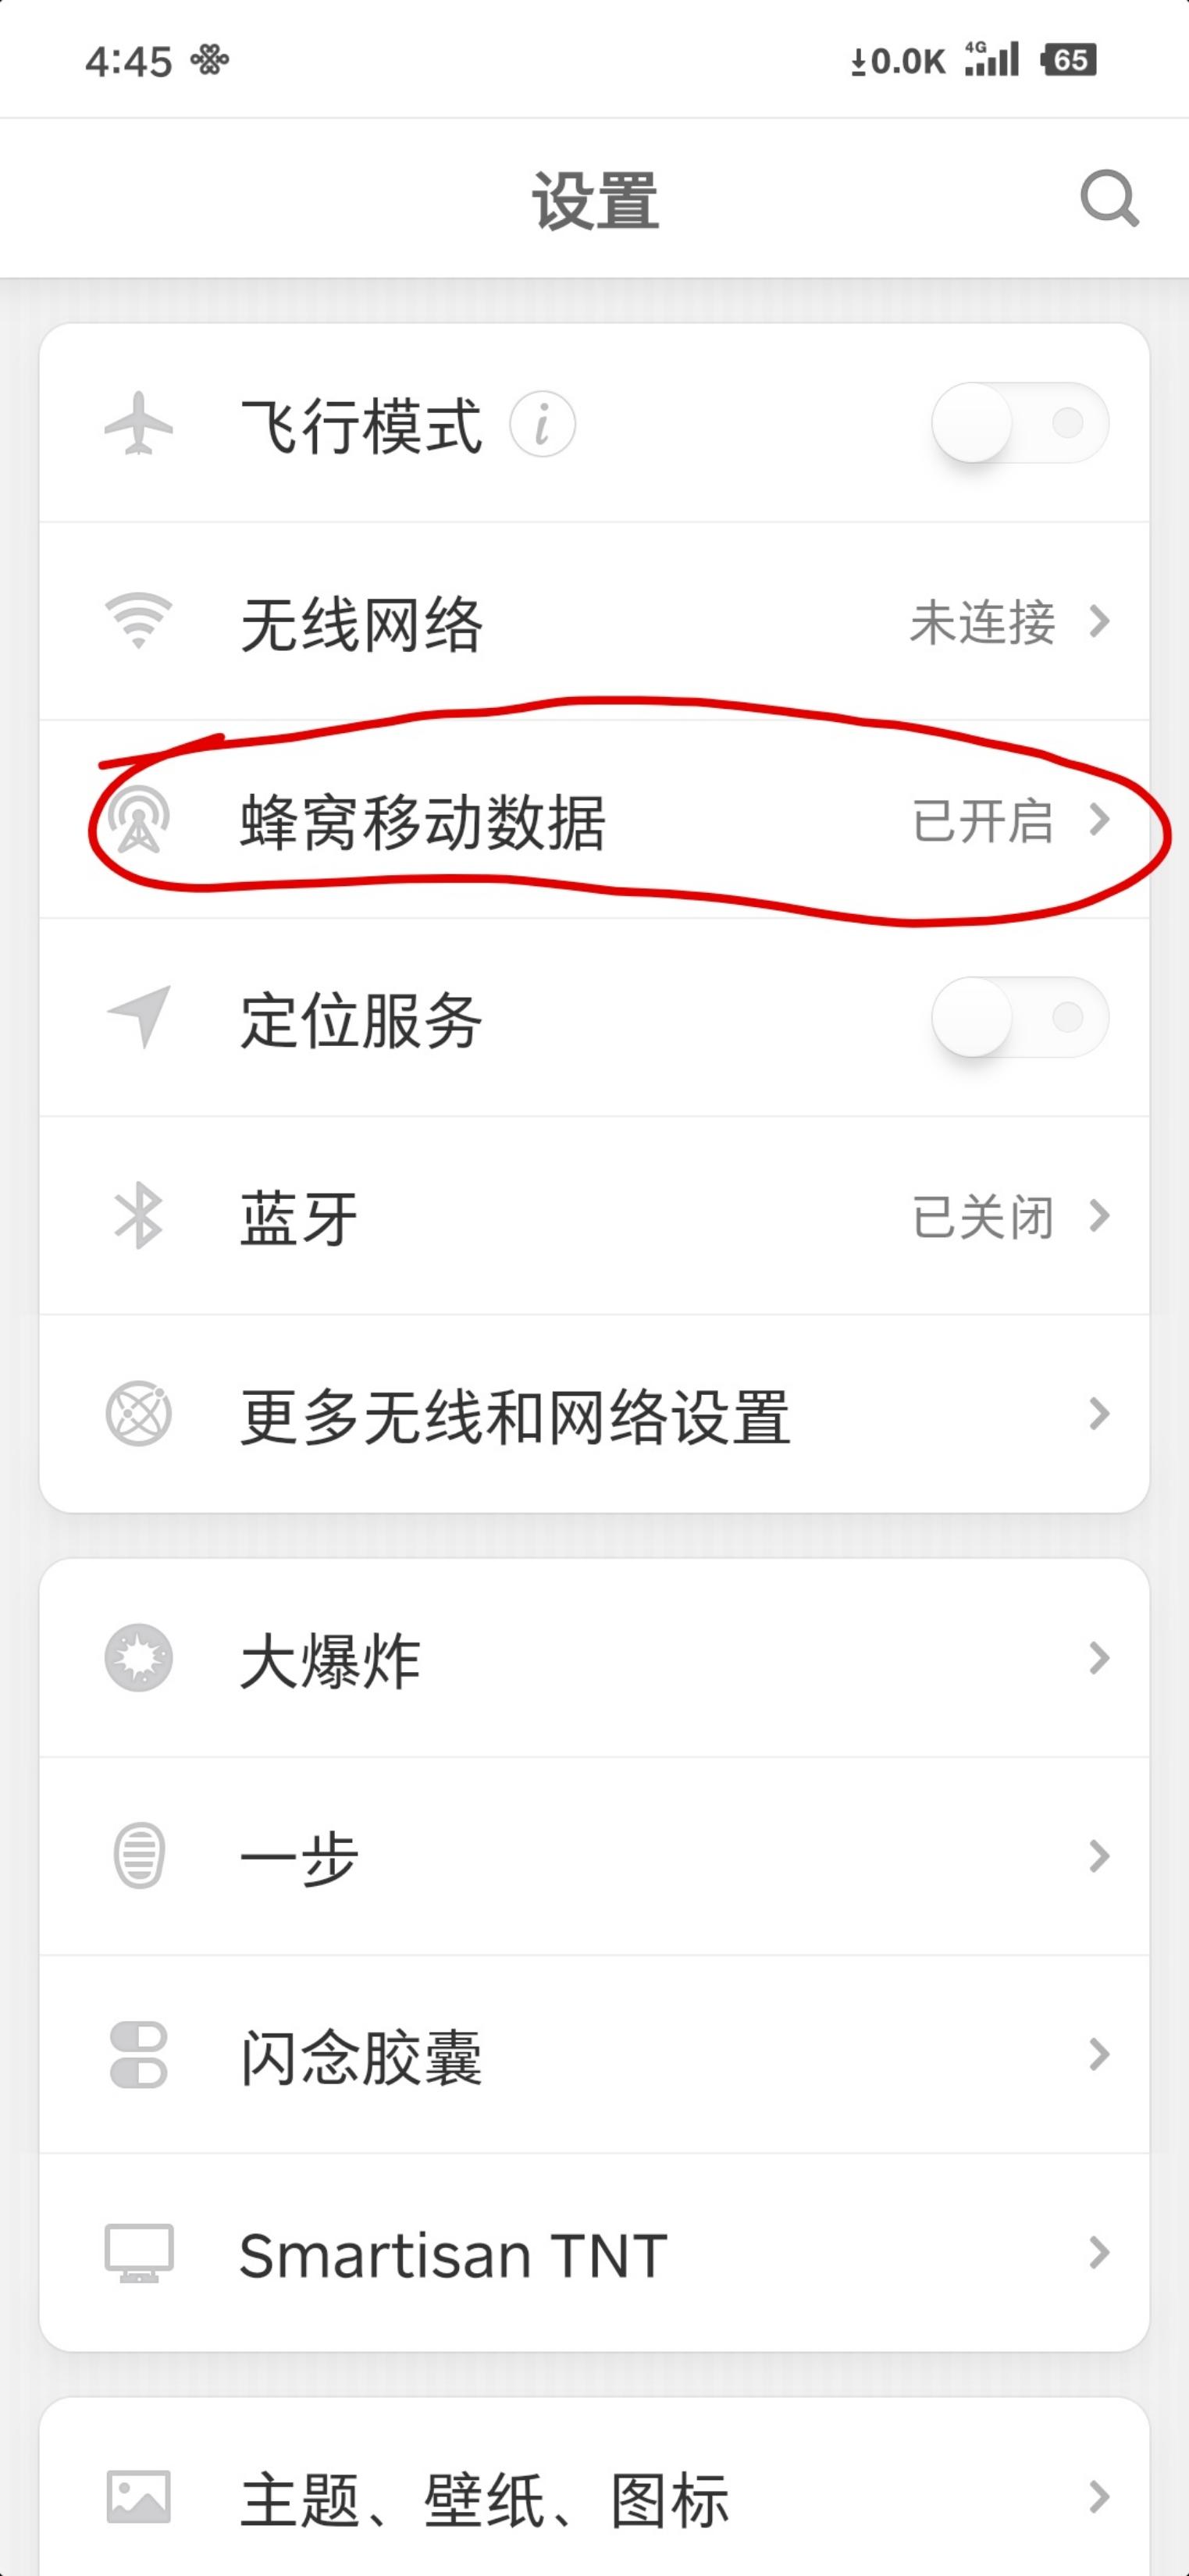 ??_Screenshot_2020-07-08-04-45-41-501_??.jpg